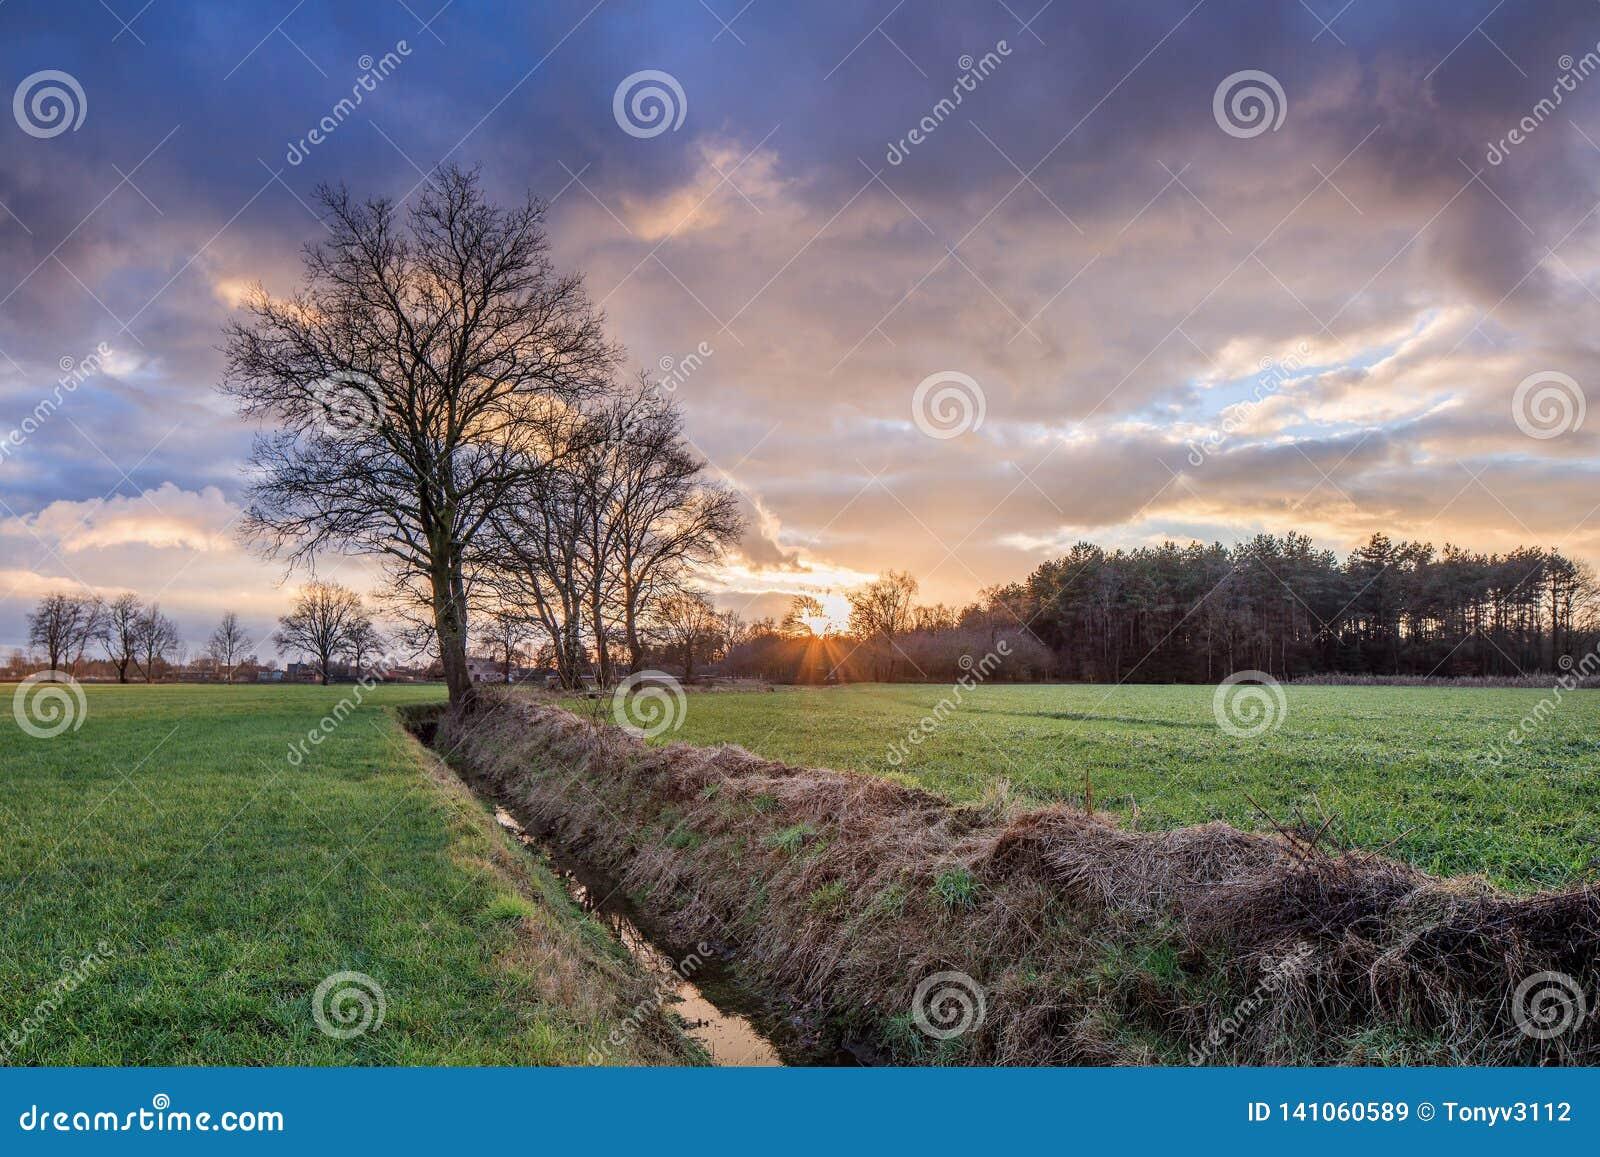 Αγροτικό τοπίο, τομέας με τα δέντρα κοντά σε μια τάφρο και ζωηρόχρωμο ηλιοβασίλεμα με τα δραματικά σύννεφα, Weelde, Βέλγιο